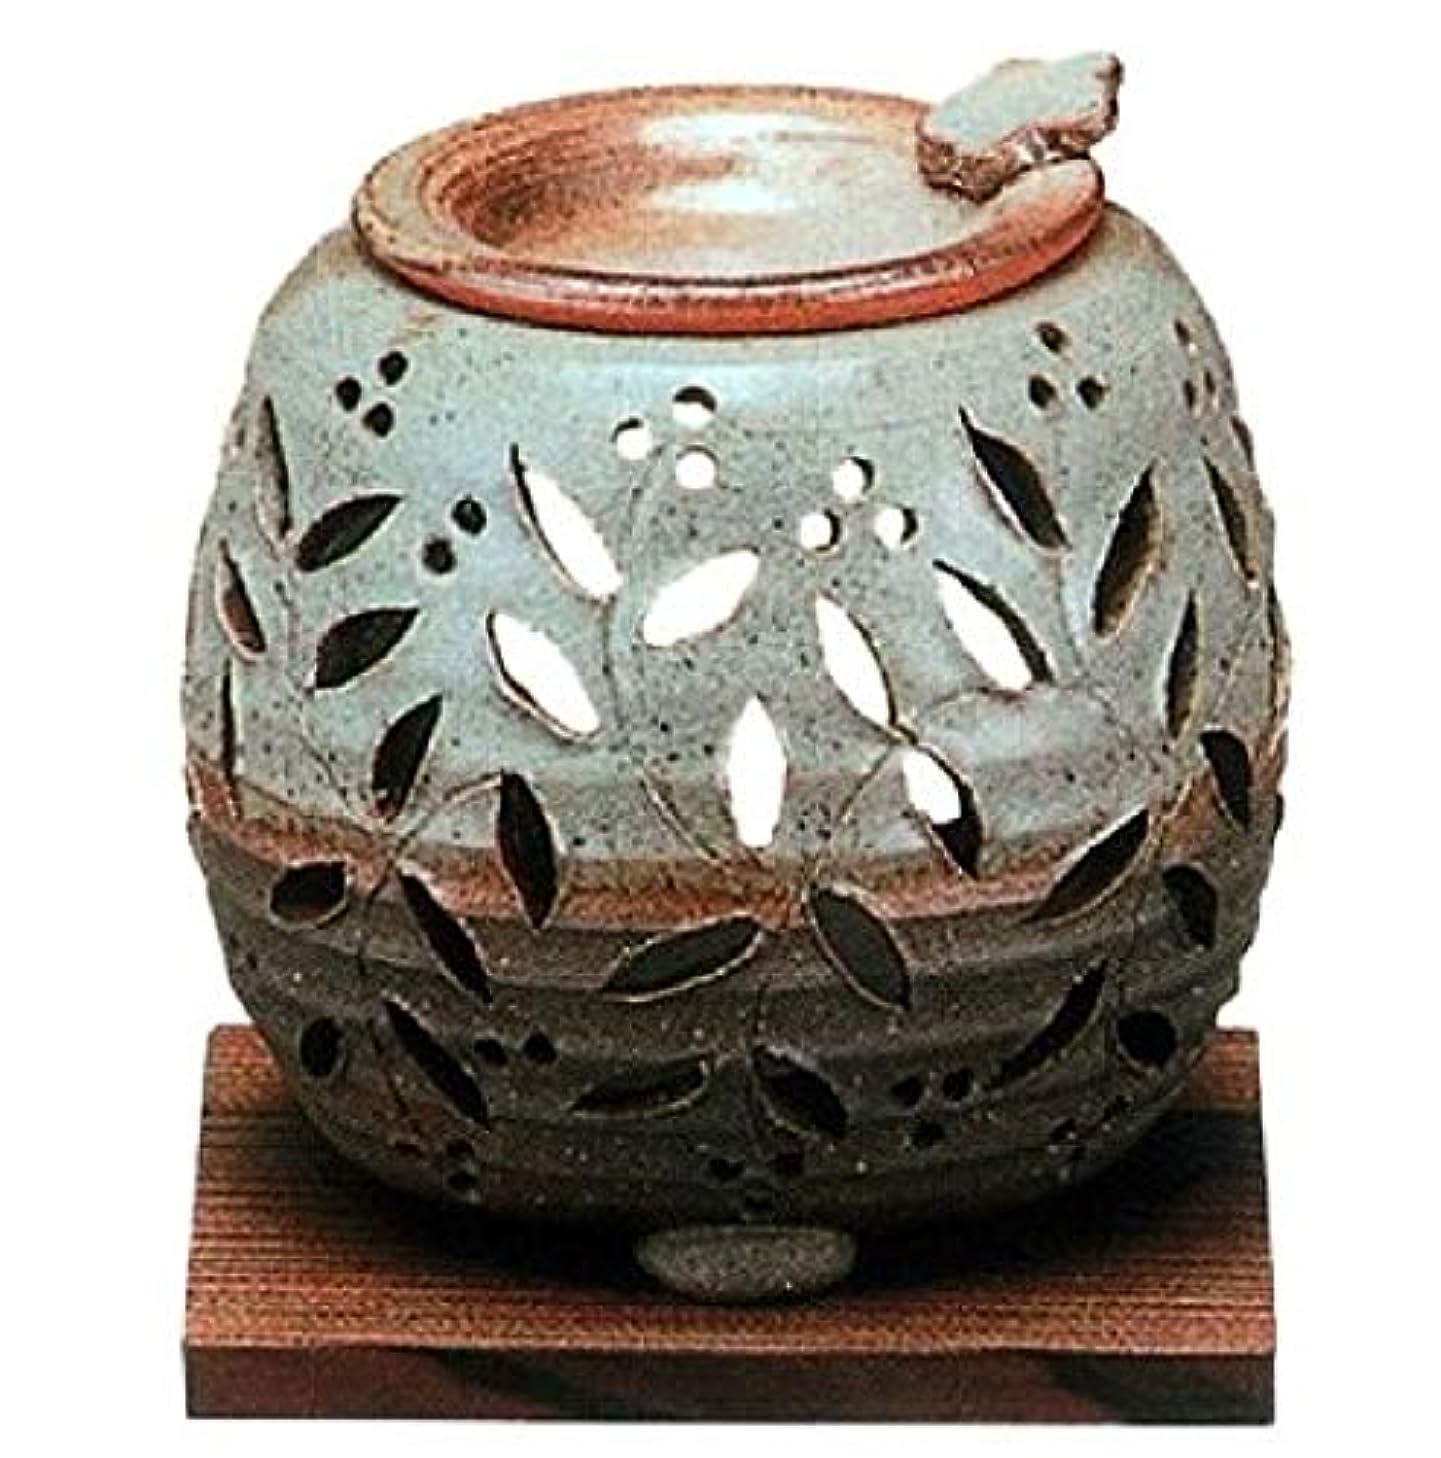 巨人偏心気楽な常滑焼?石龍窯 カ38-10 茶香炉 焼杉板付 径10×10cm